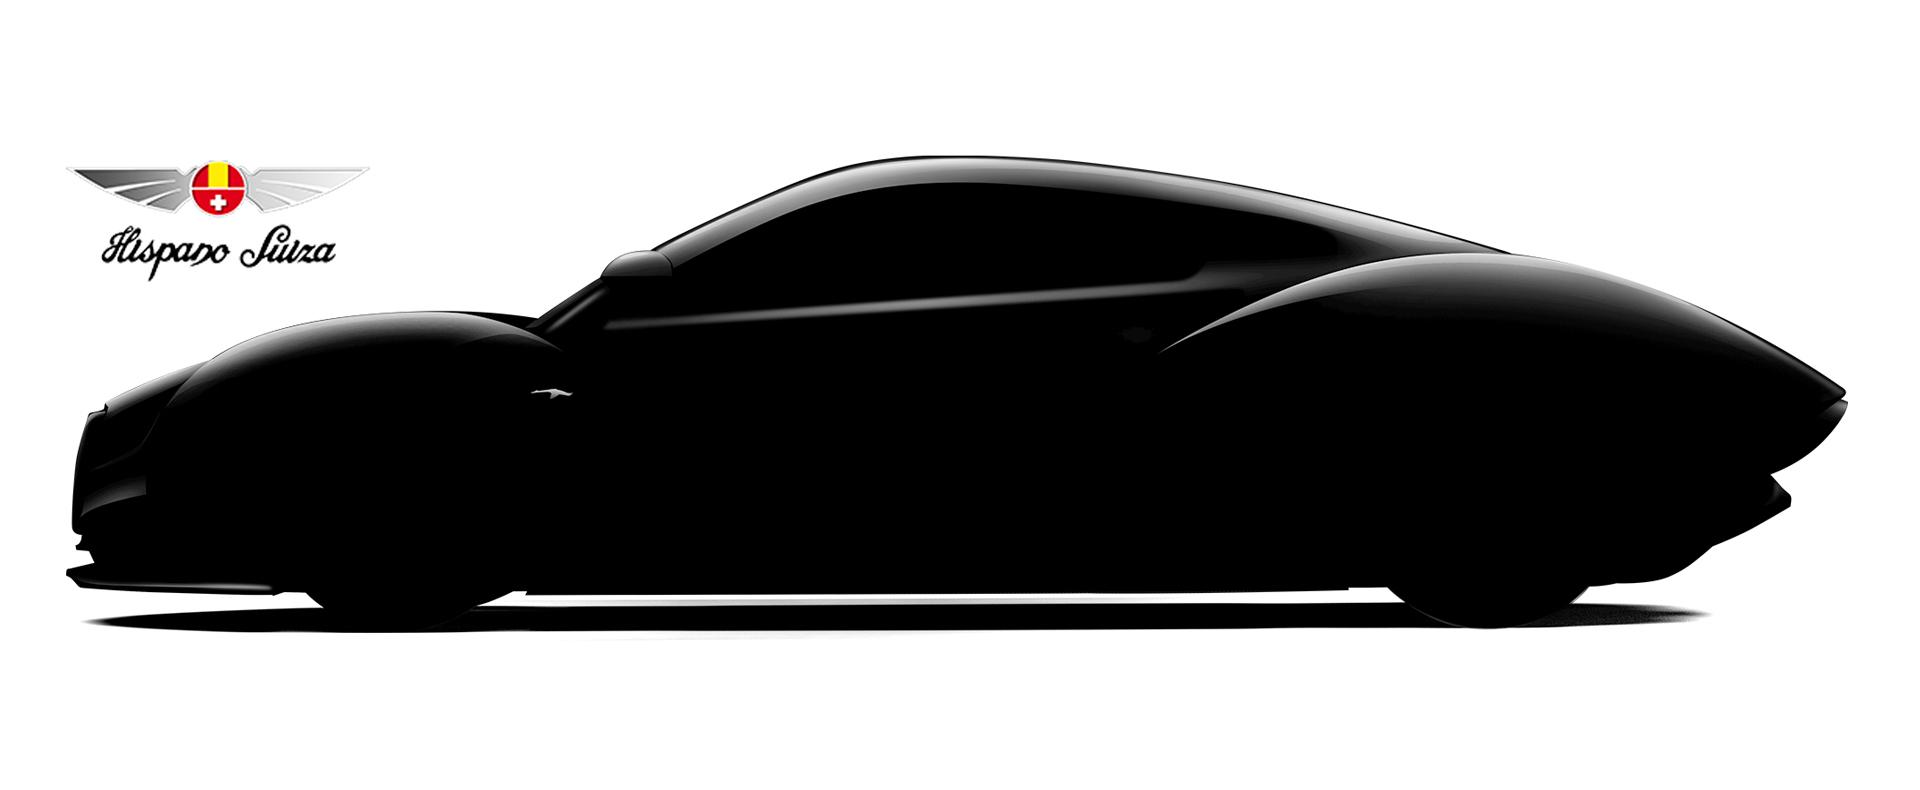 Hispano Suiza Carmen, el resurgir eléctrico de la marca